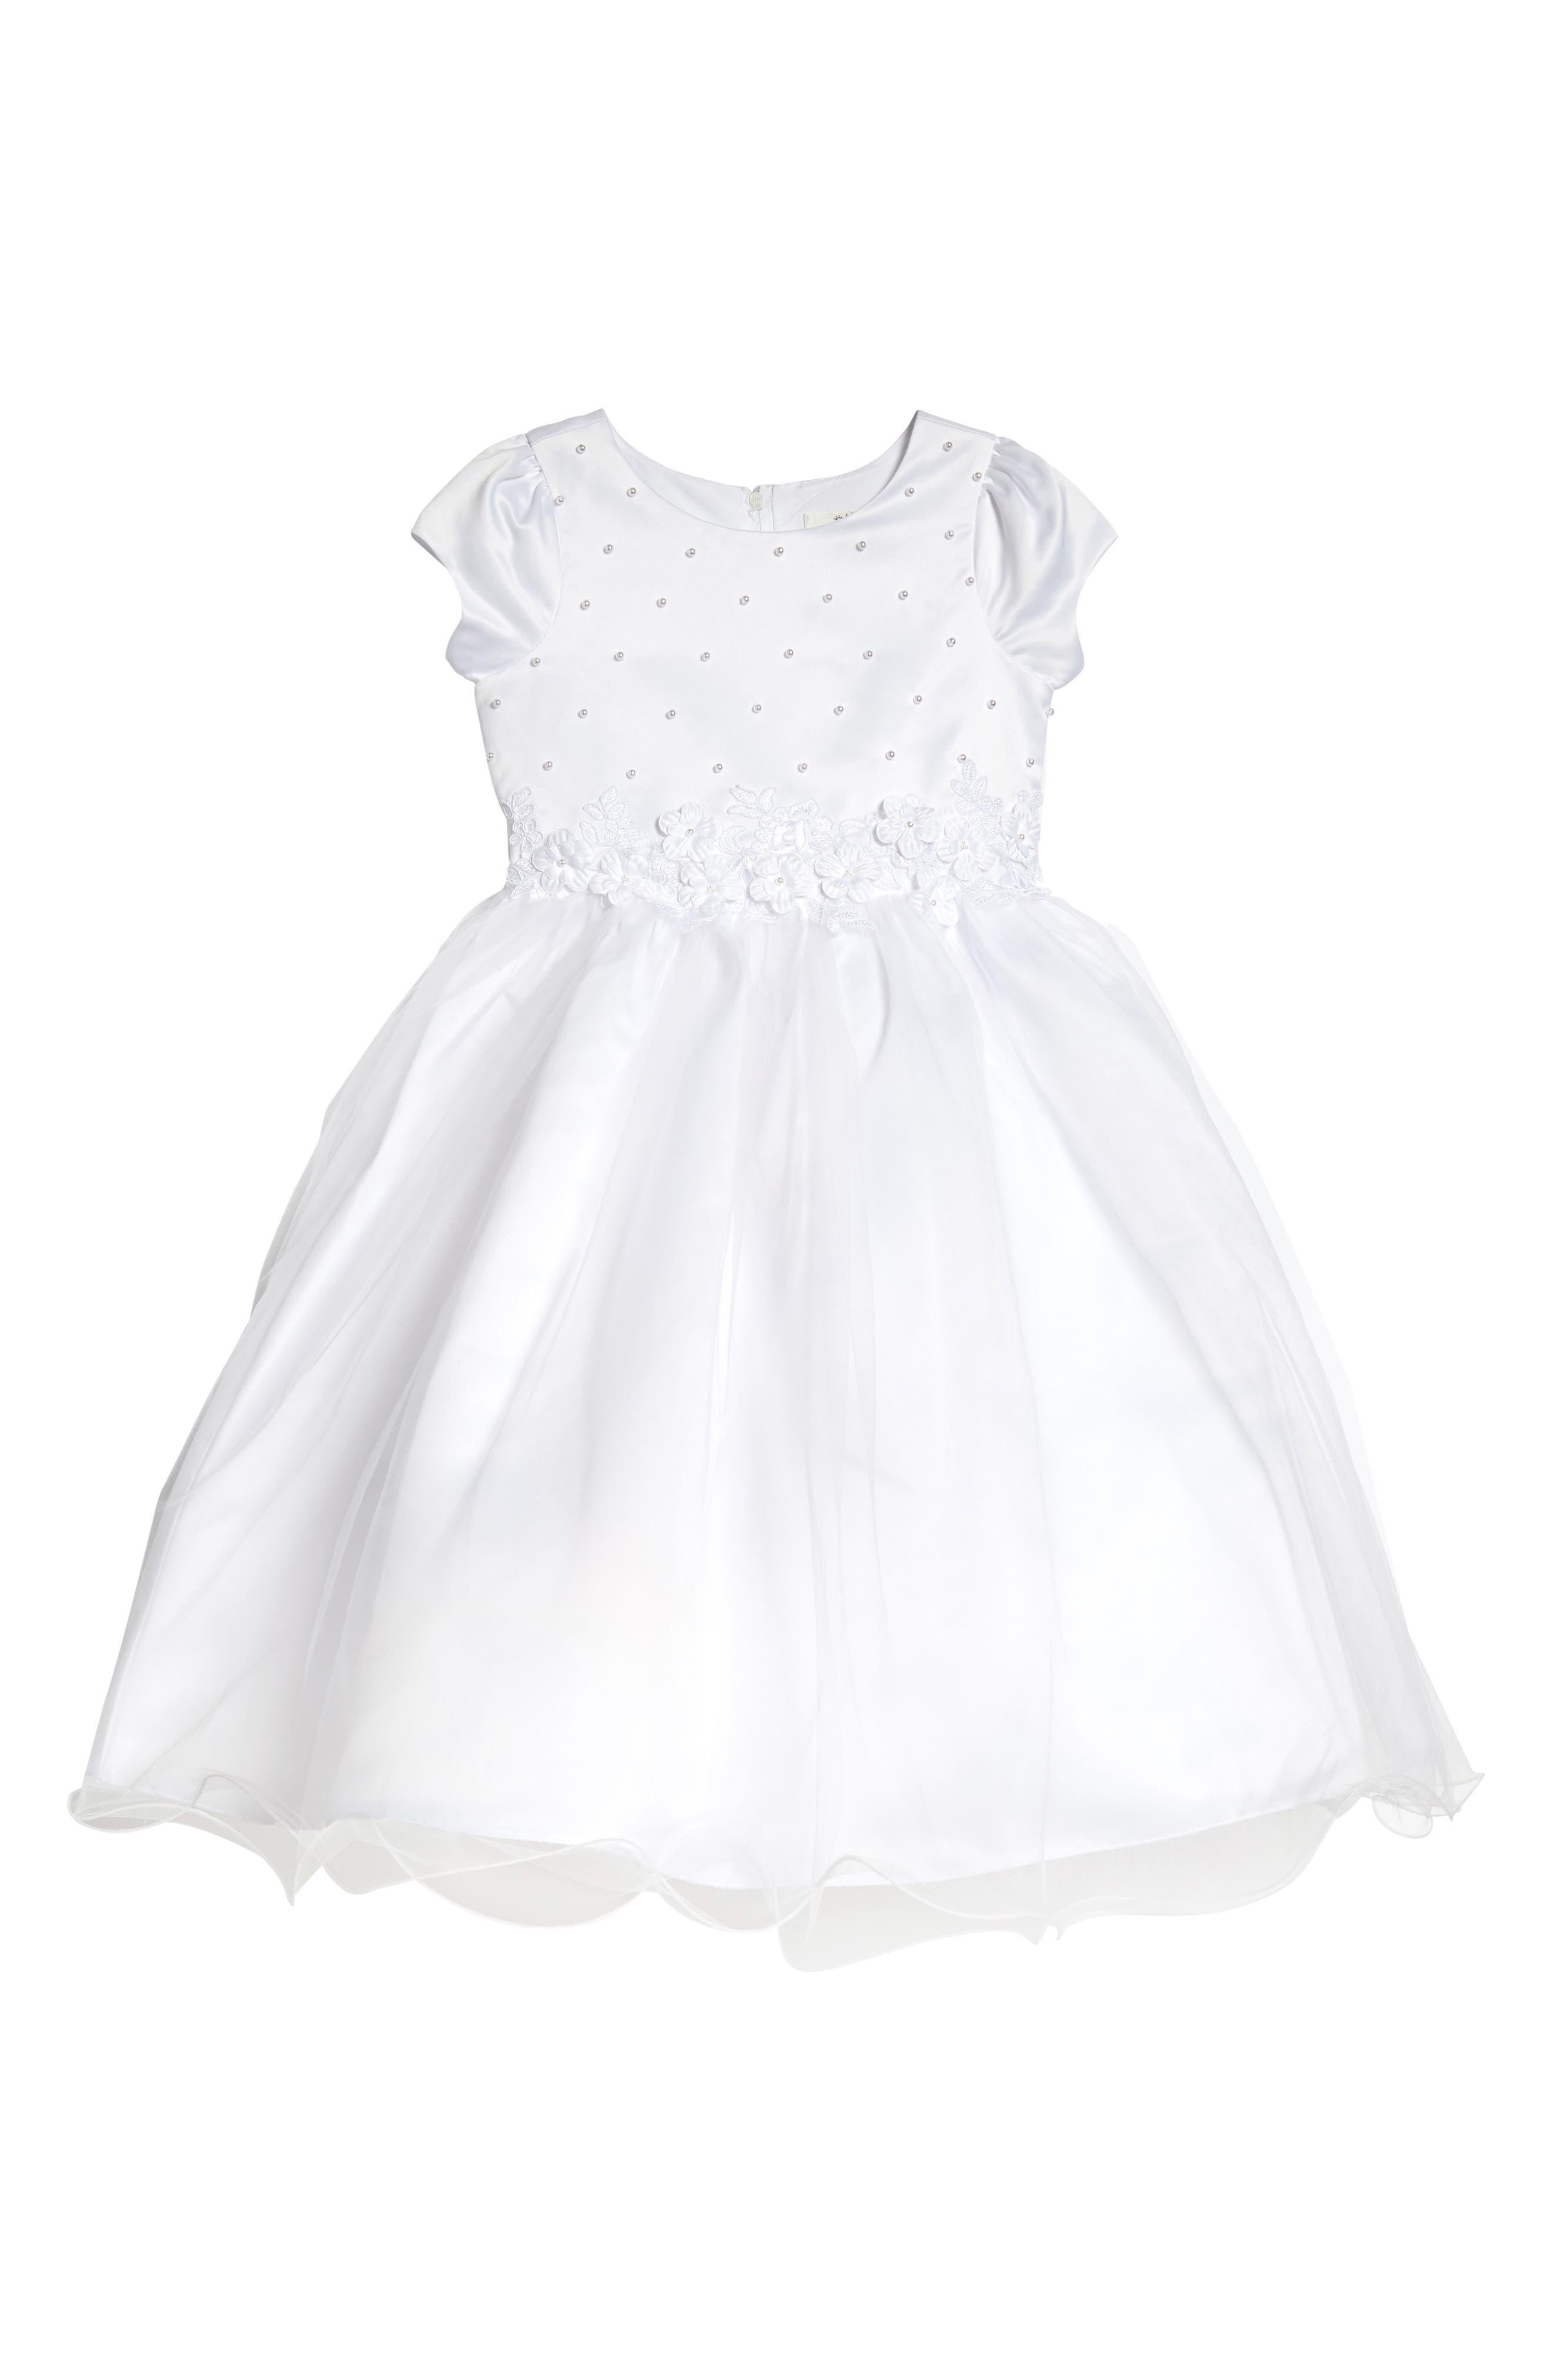 Alternate Image 1 Selected - Us Angels Embellished Satin & Organza Dress (Little Girls & Big Girls)